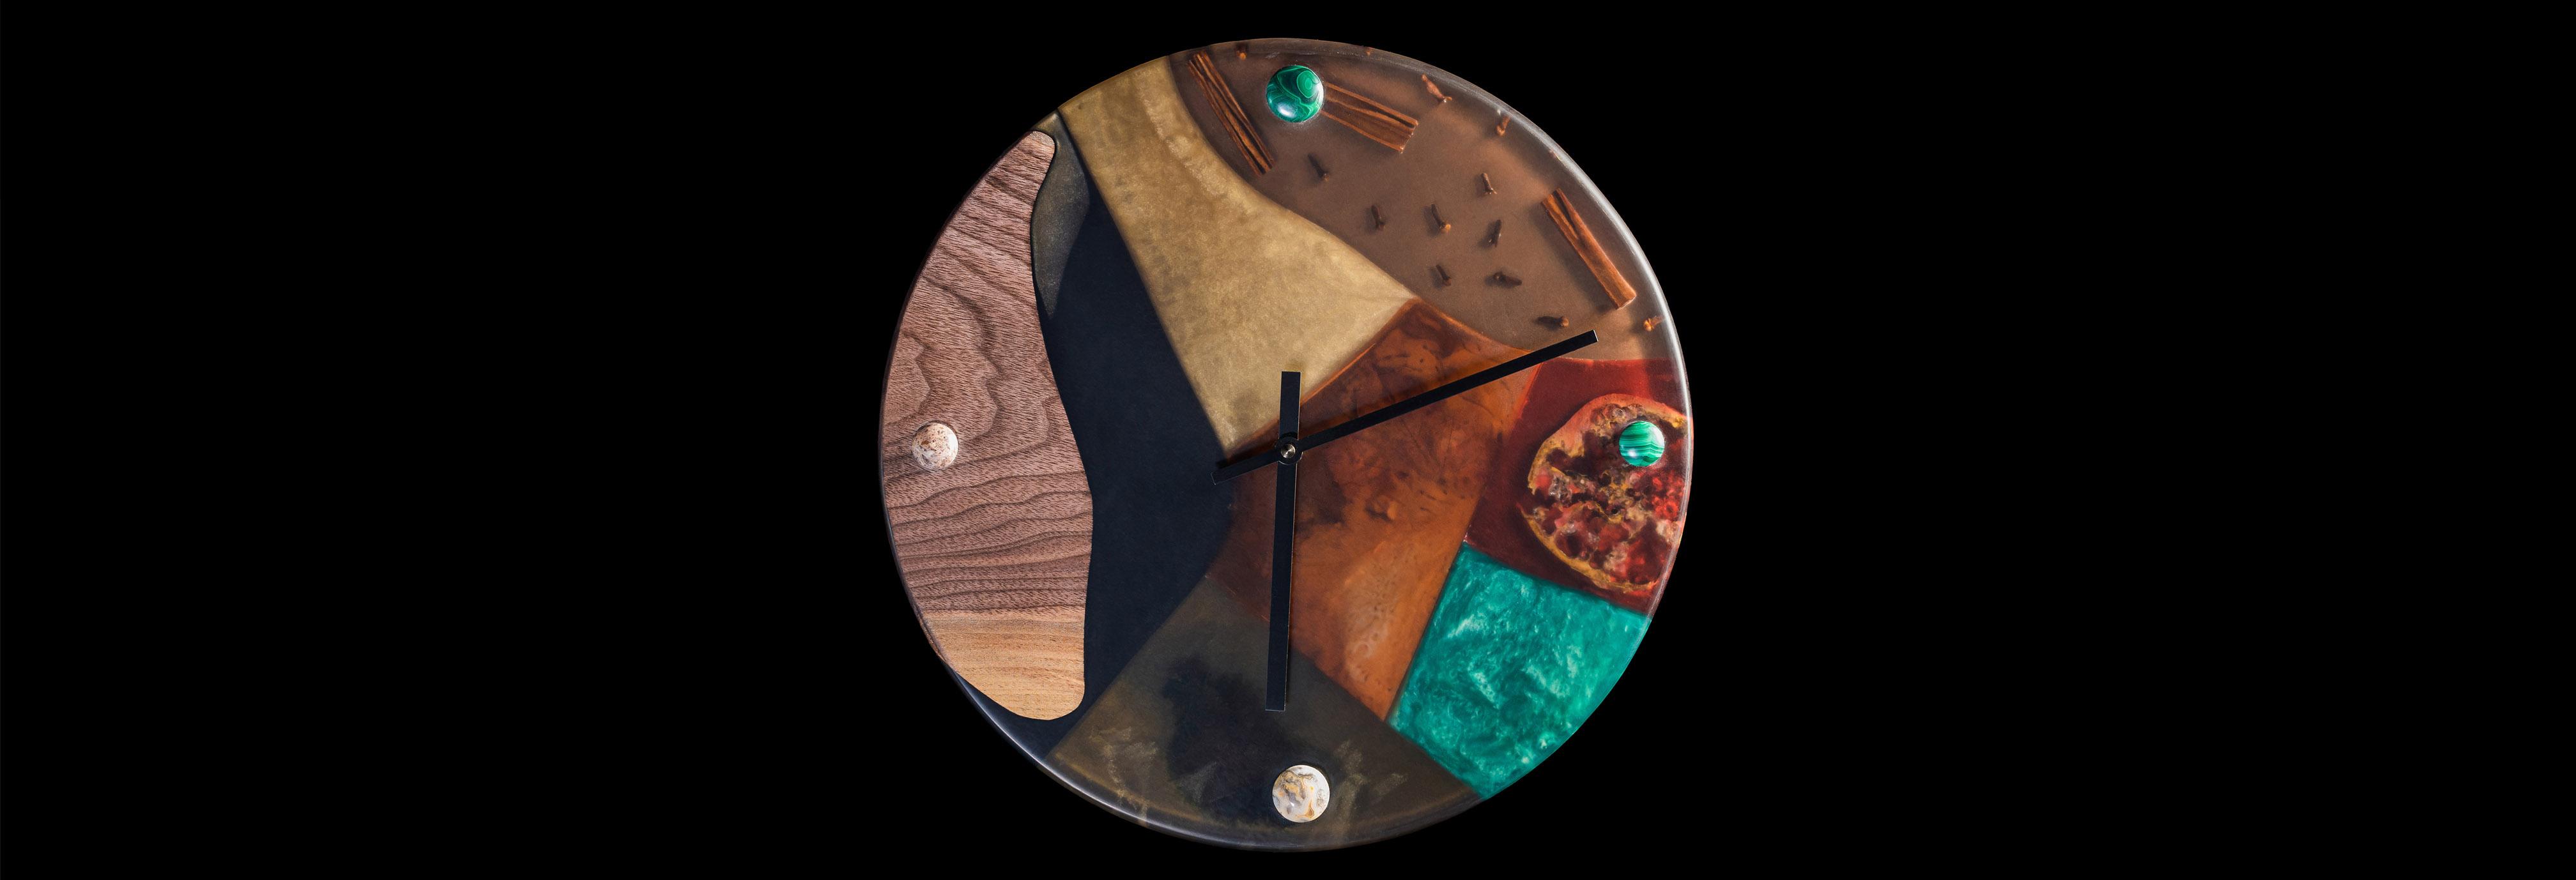 Nástěnné hodiny ze dřeva a epoxidu